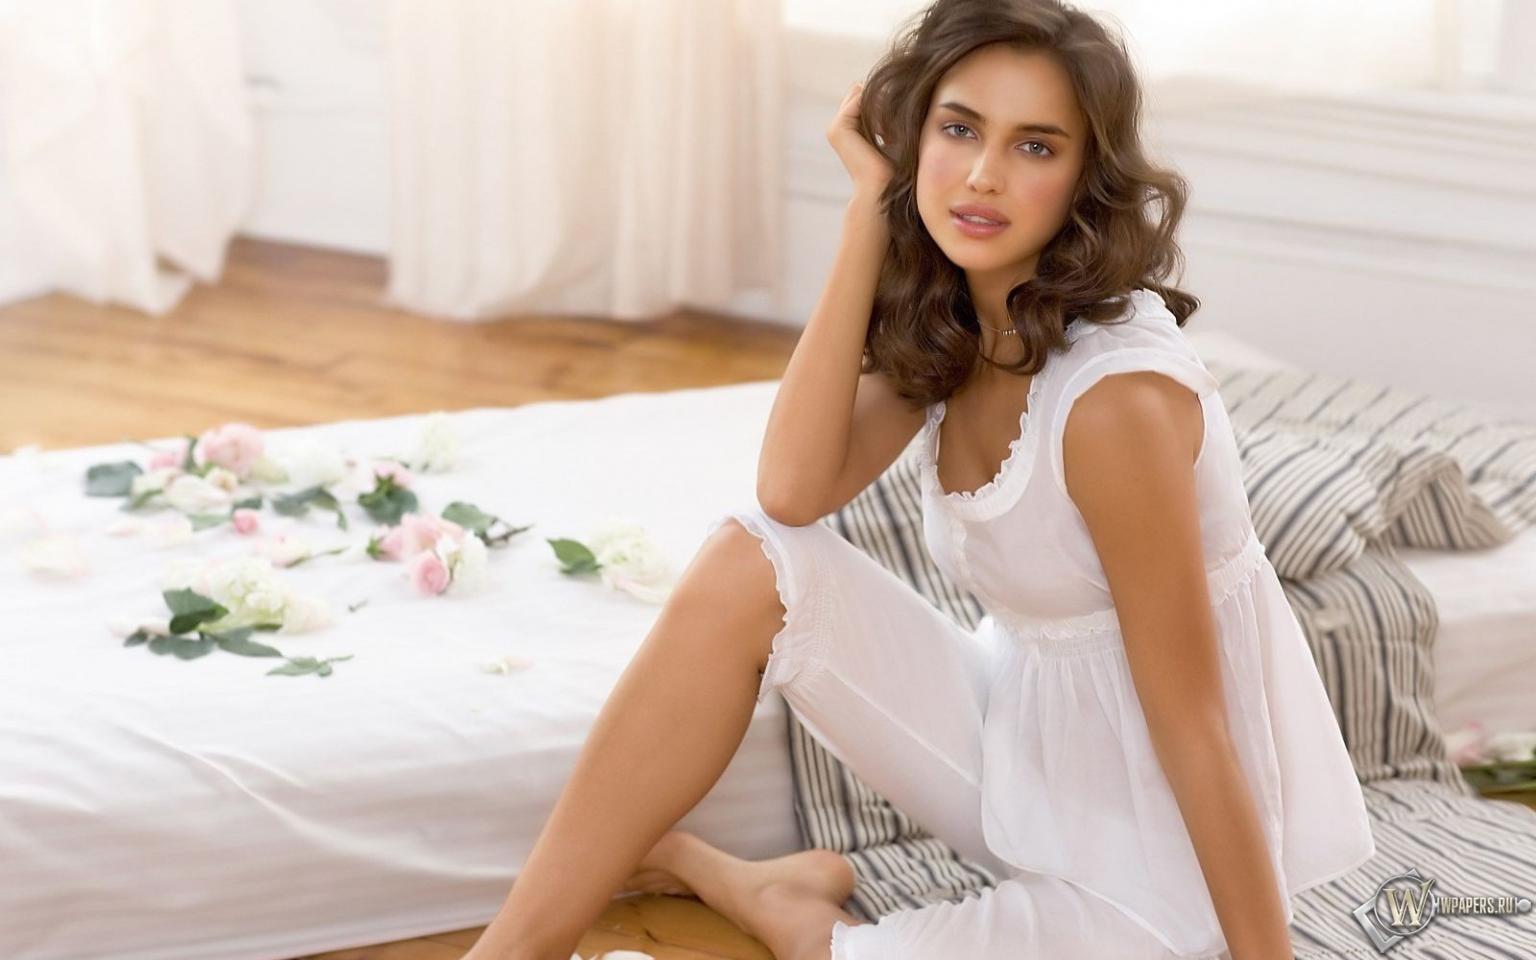 Irina Sheik 1536x960